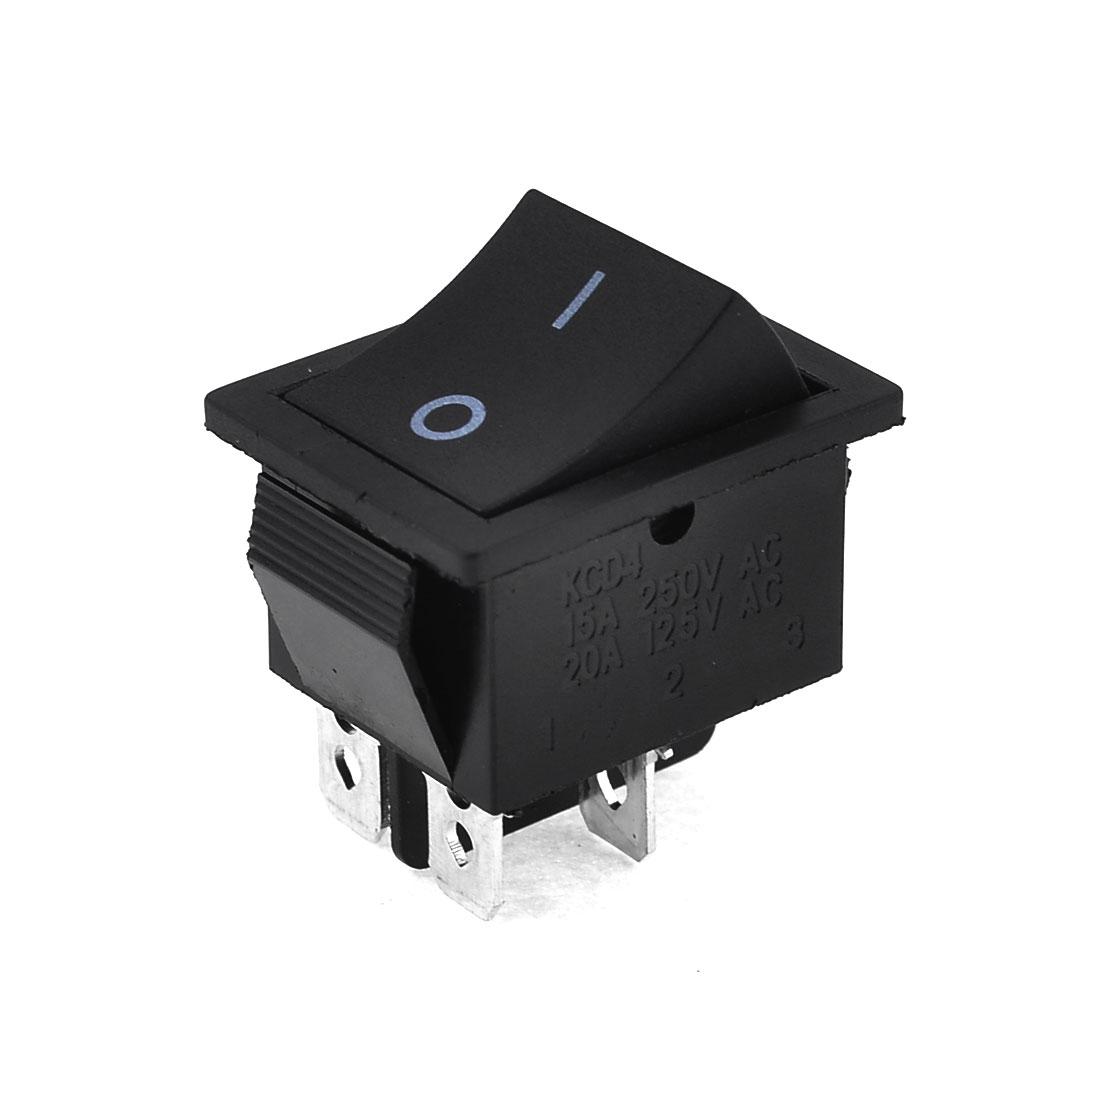 AC 15A/250V 20A/125V 4 Pin ON/OFF DPST Snap-in Boat Rocker Power Switch